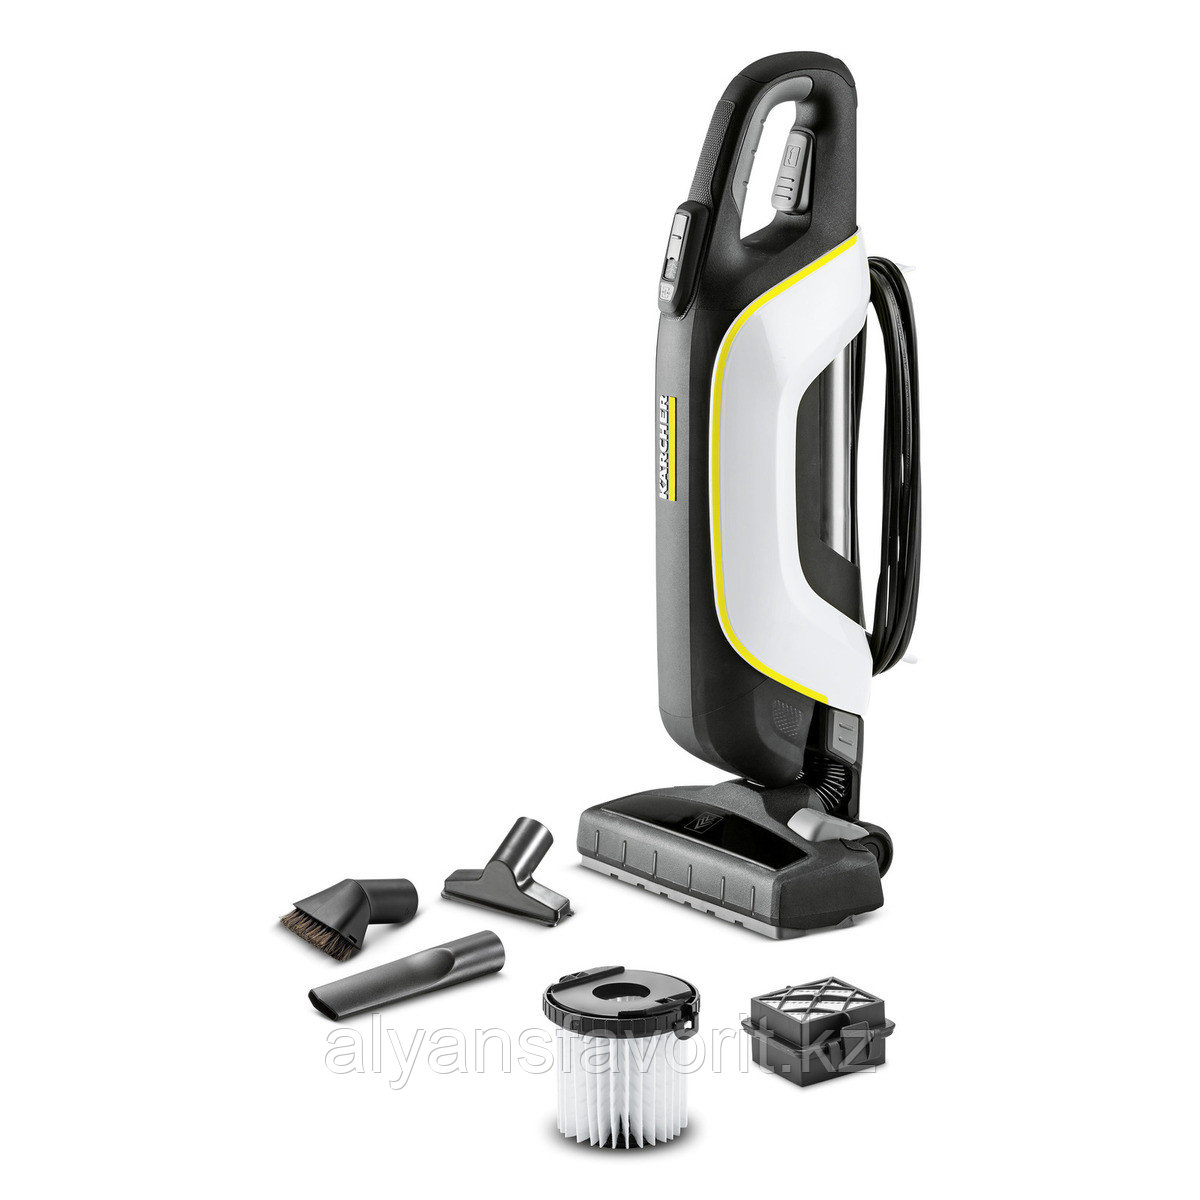 VC 5 Premium - вертикальный пылесос для сухой уборки